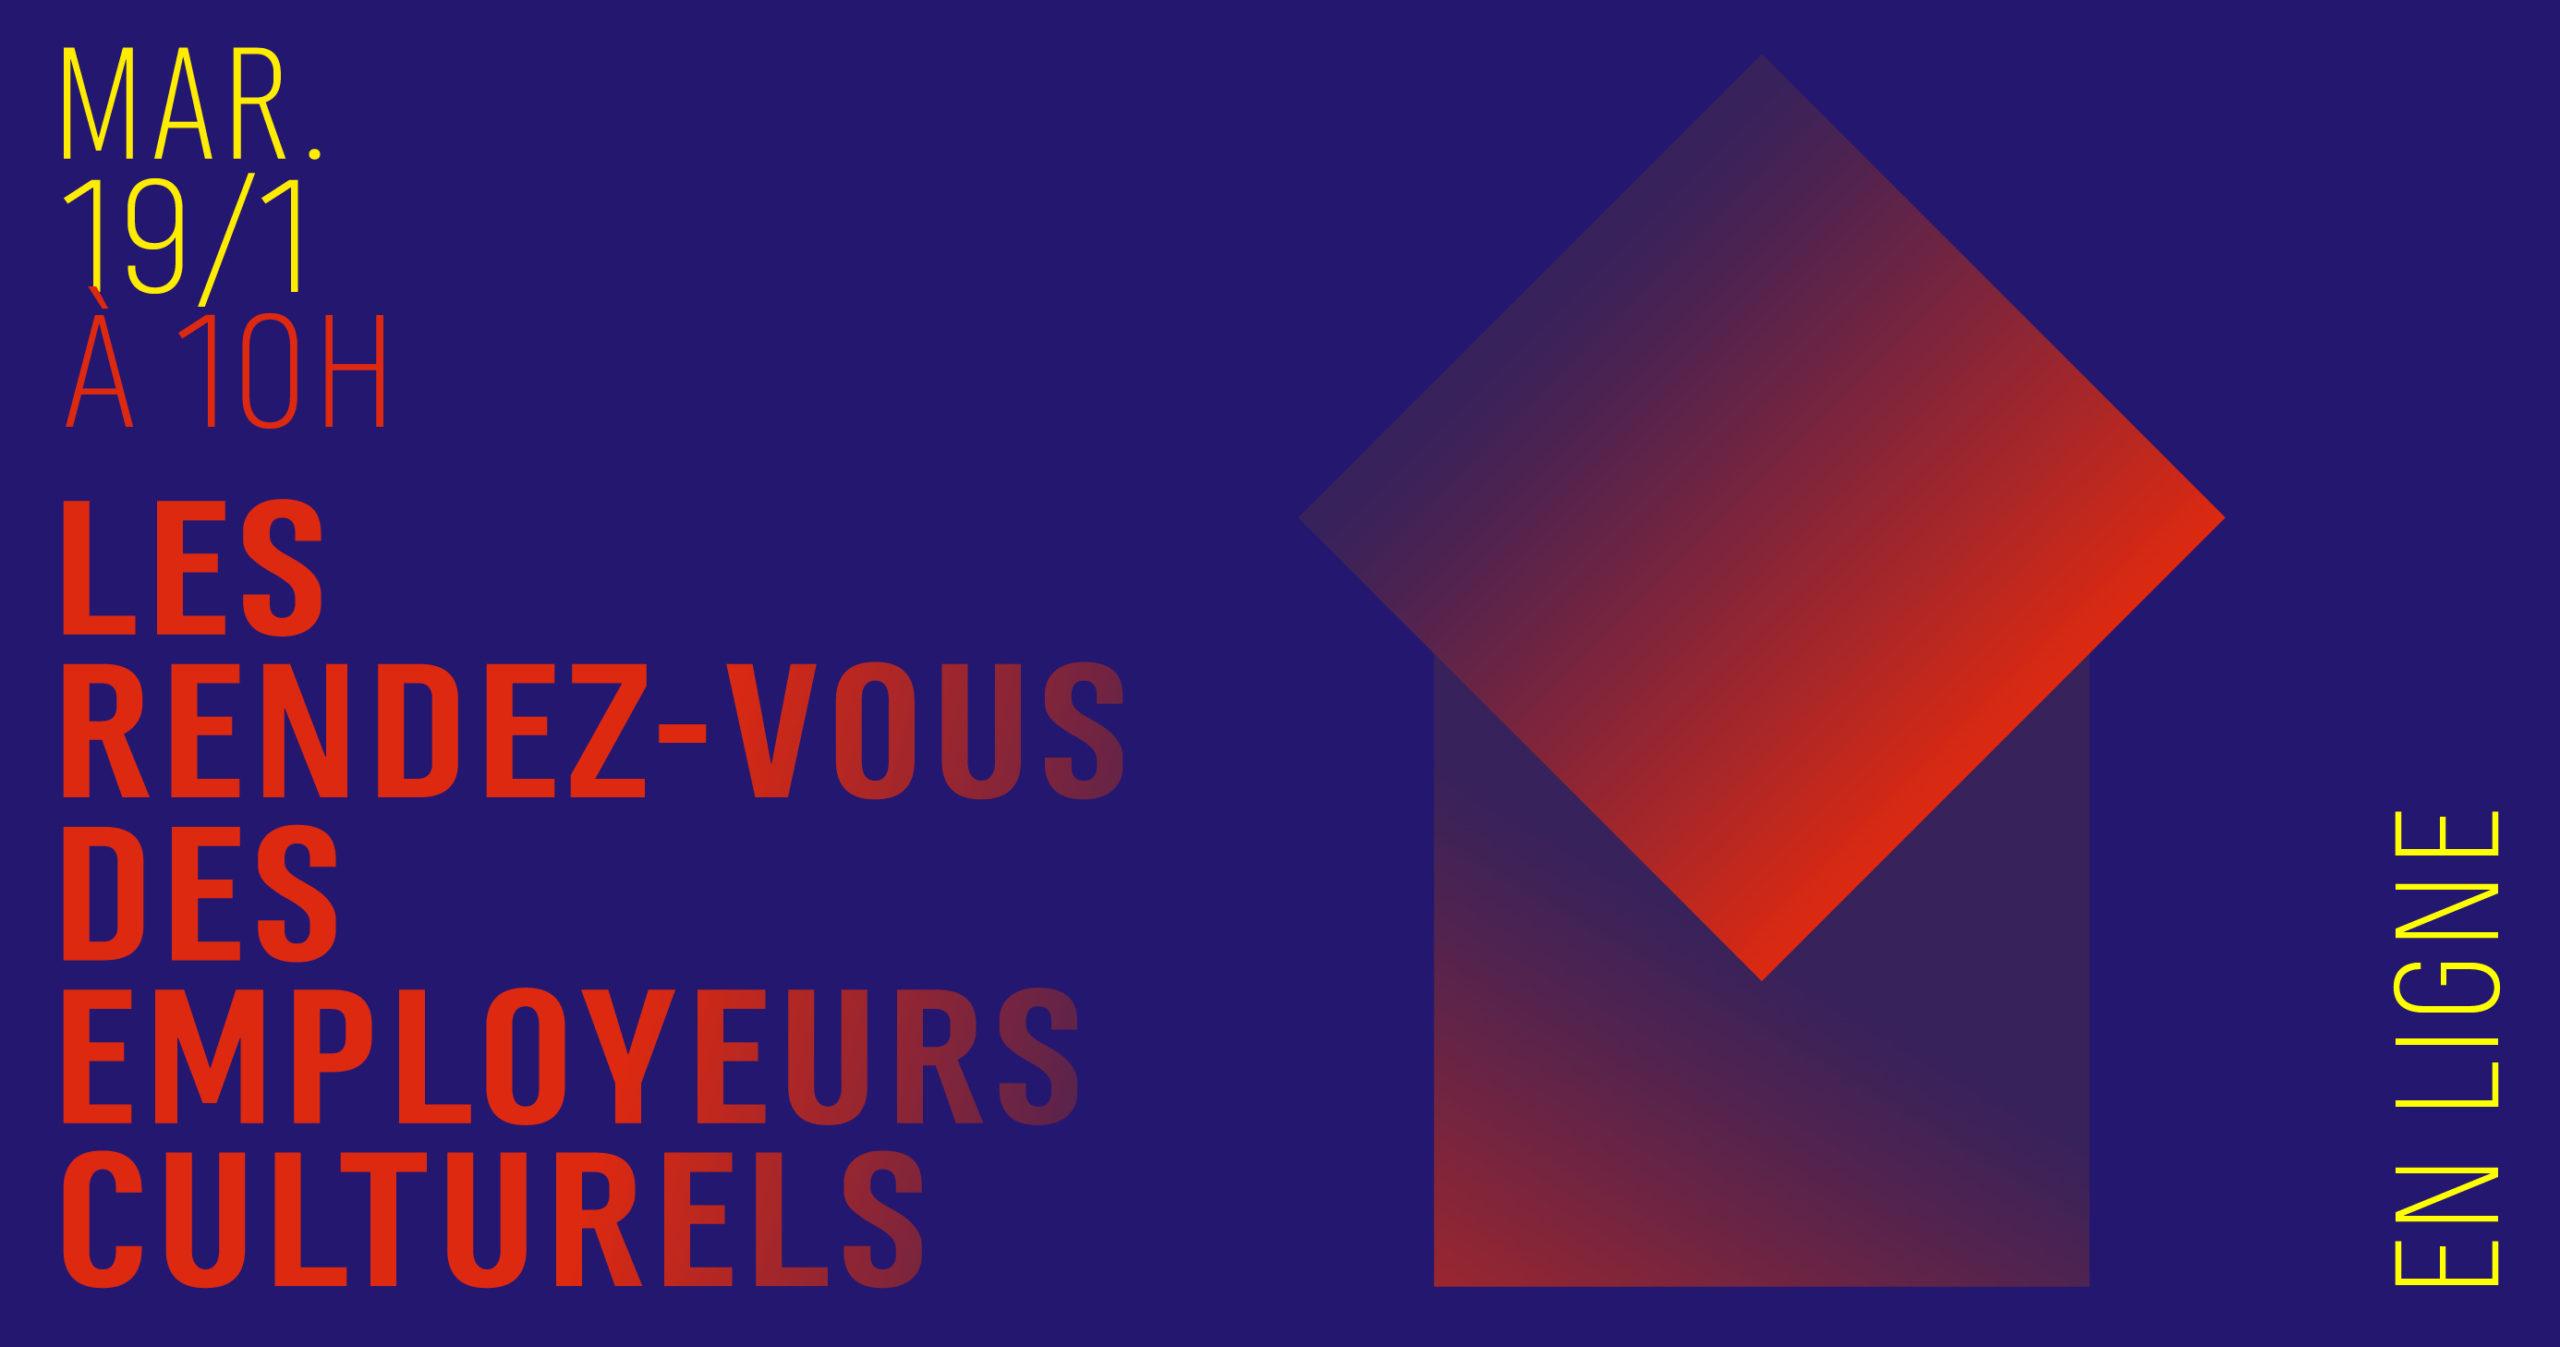 Rendez-vous des employeurs culturels Creuse / Haute-Vienne